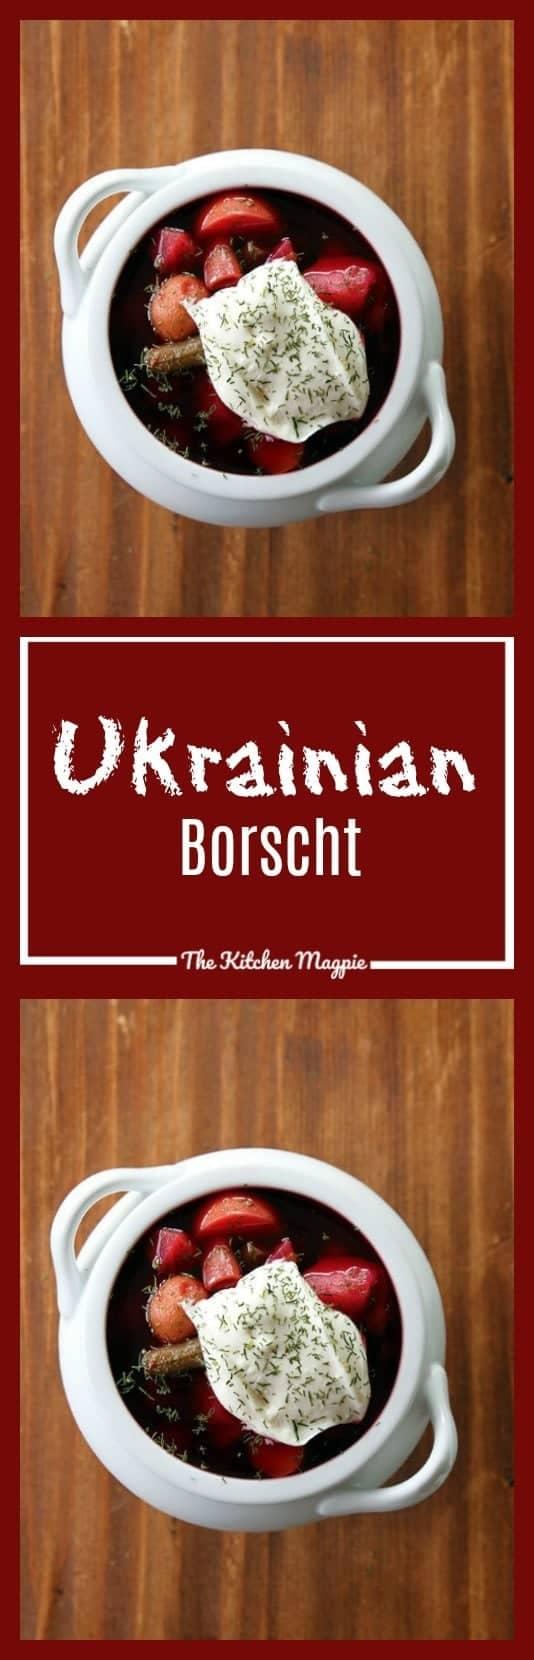 abb How To Make Ukrainian Borscht